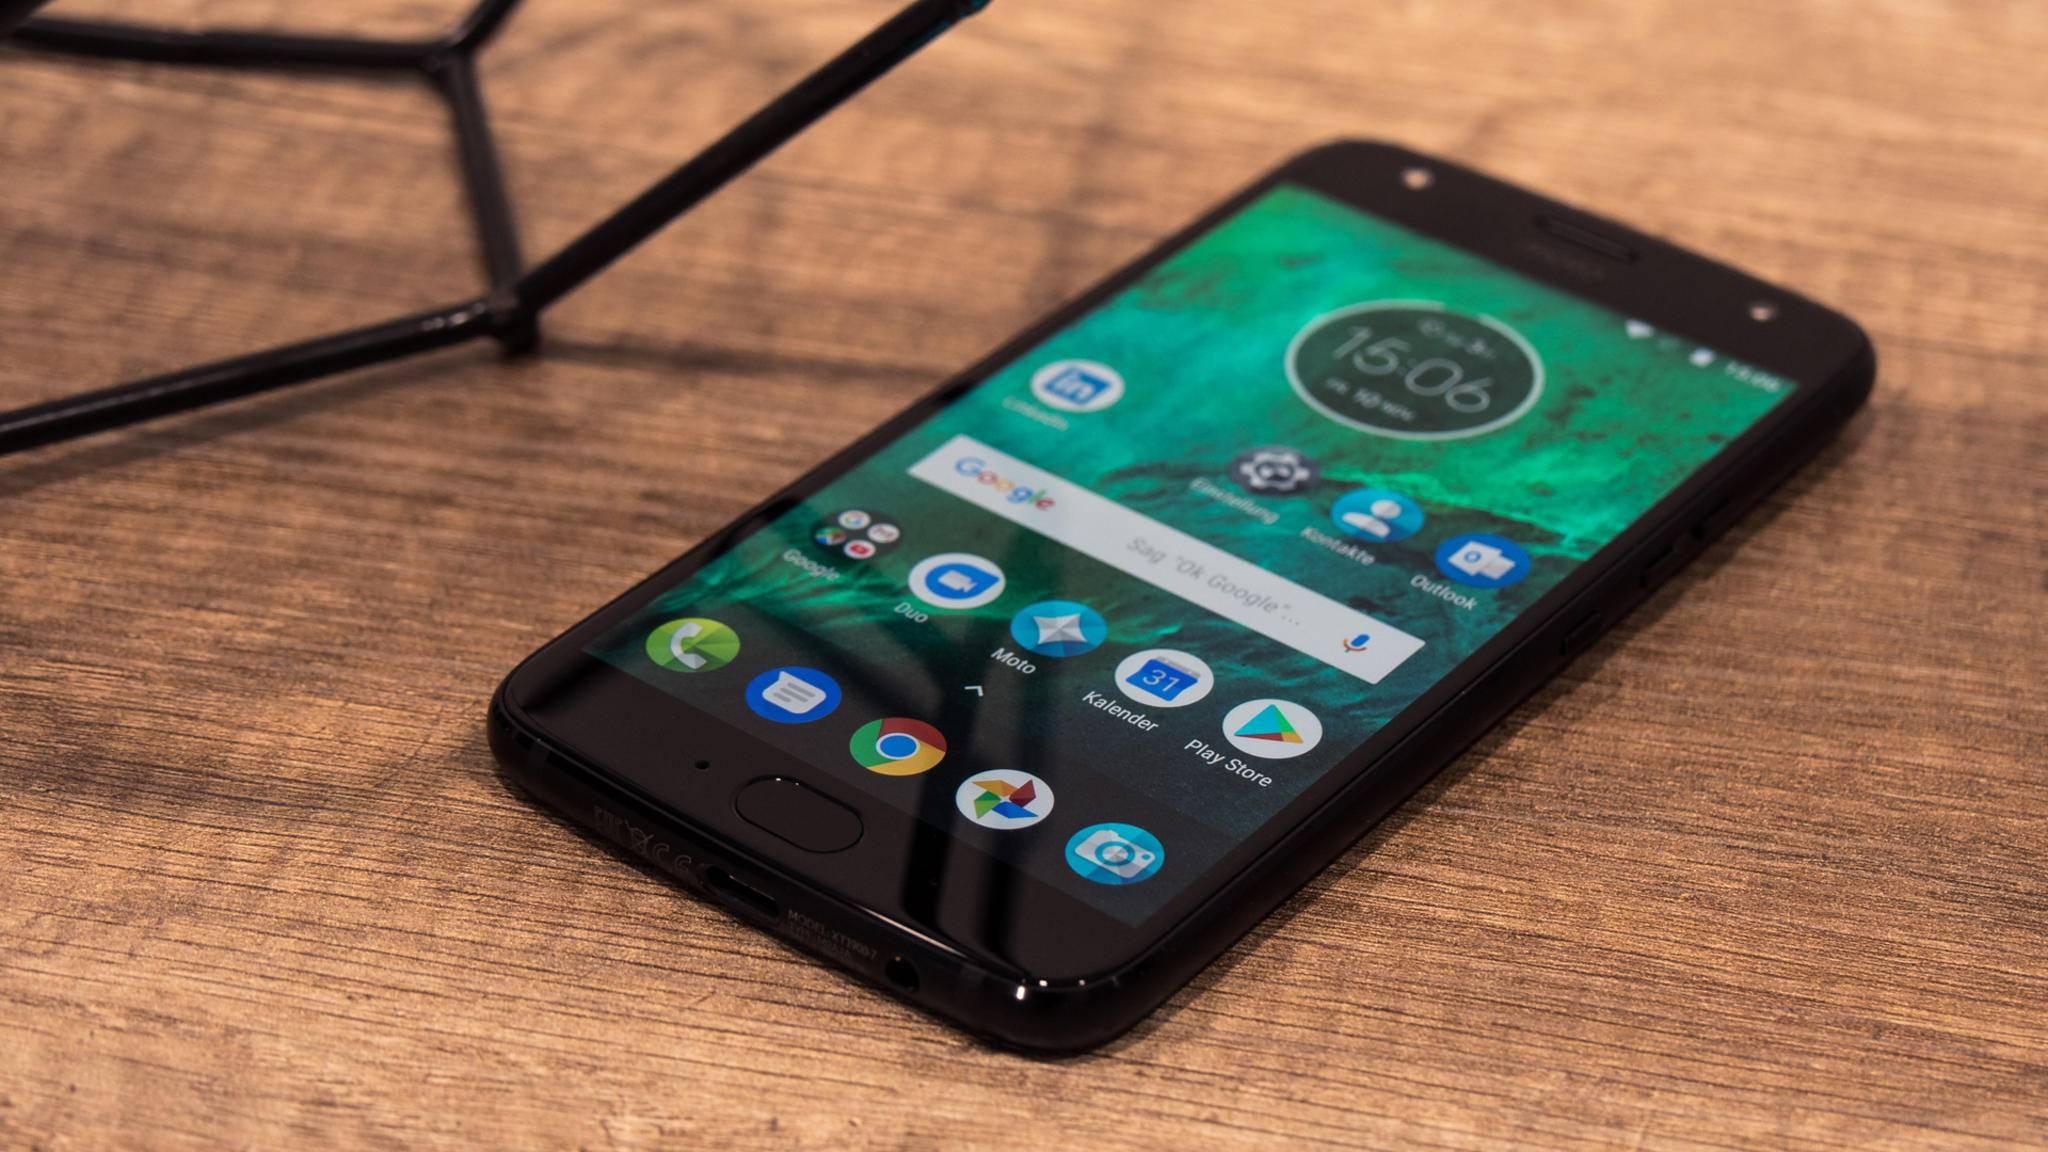 Das Smartphone lädt dank TurboPower sehr schnell auf.